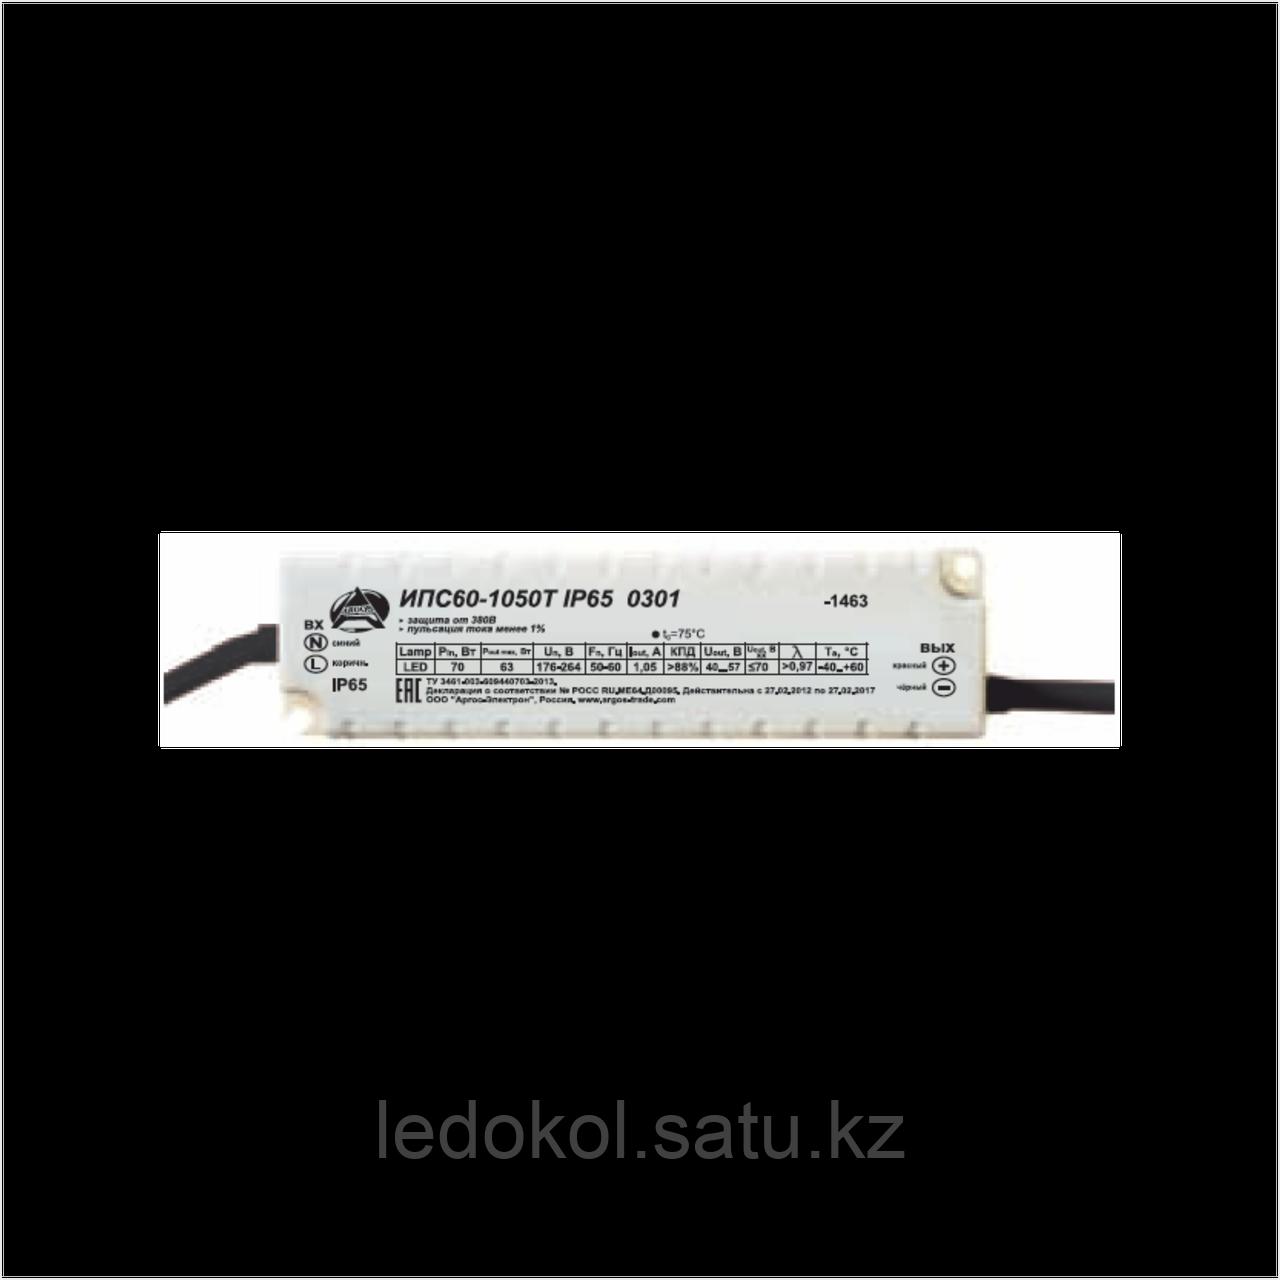 Источник питания Аргос ИПС60-700Т IP67 ЭКО 0310